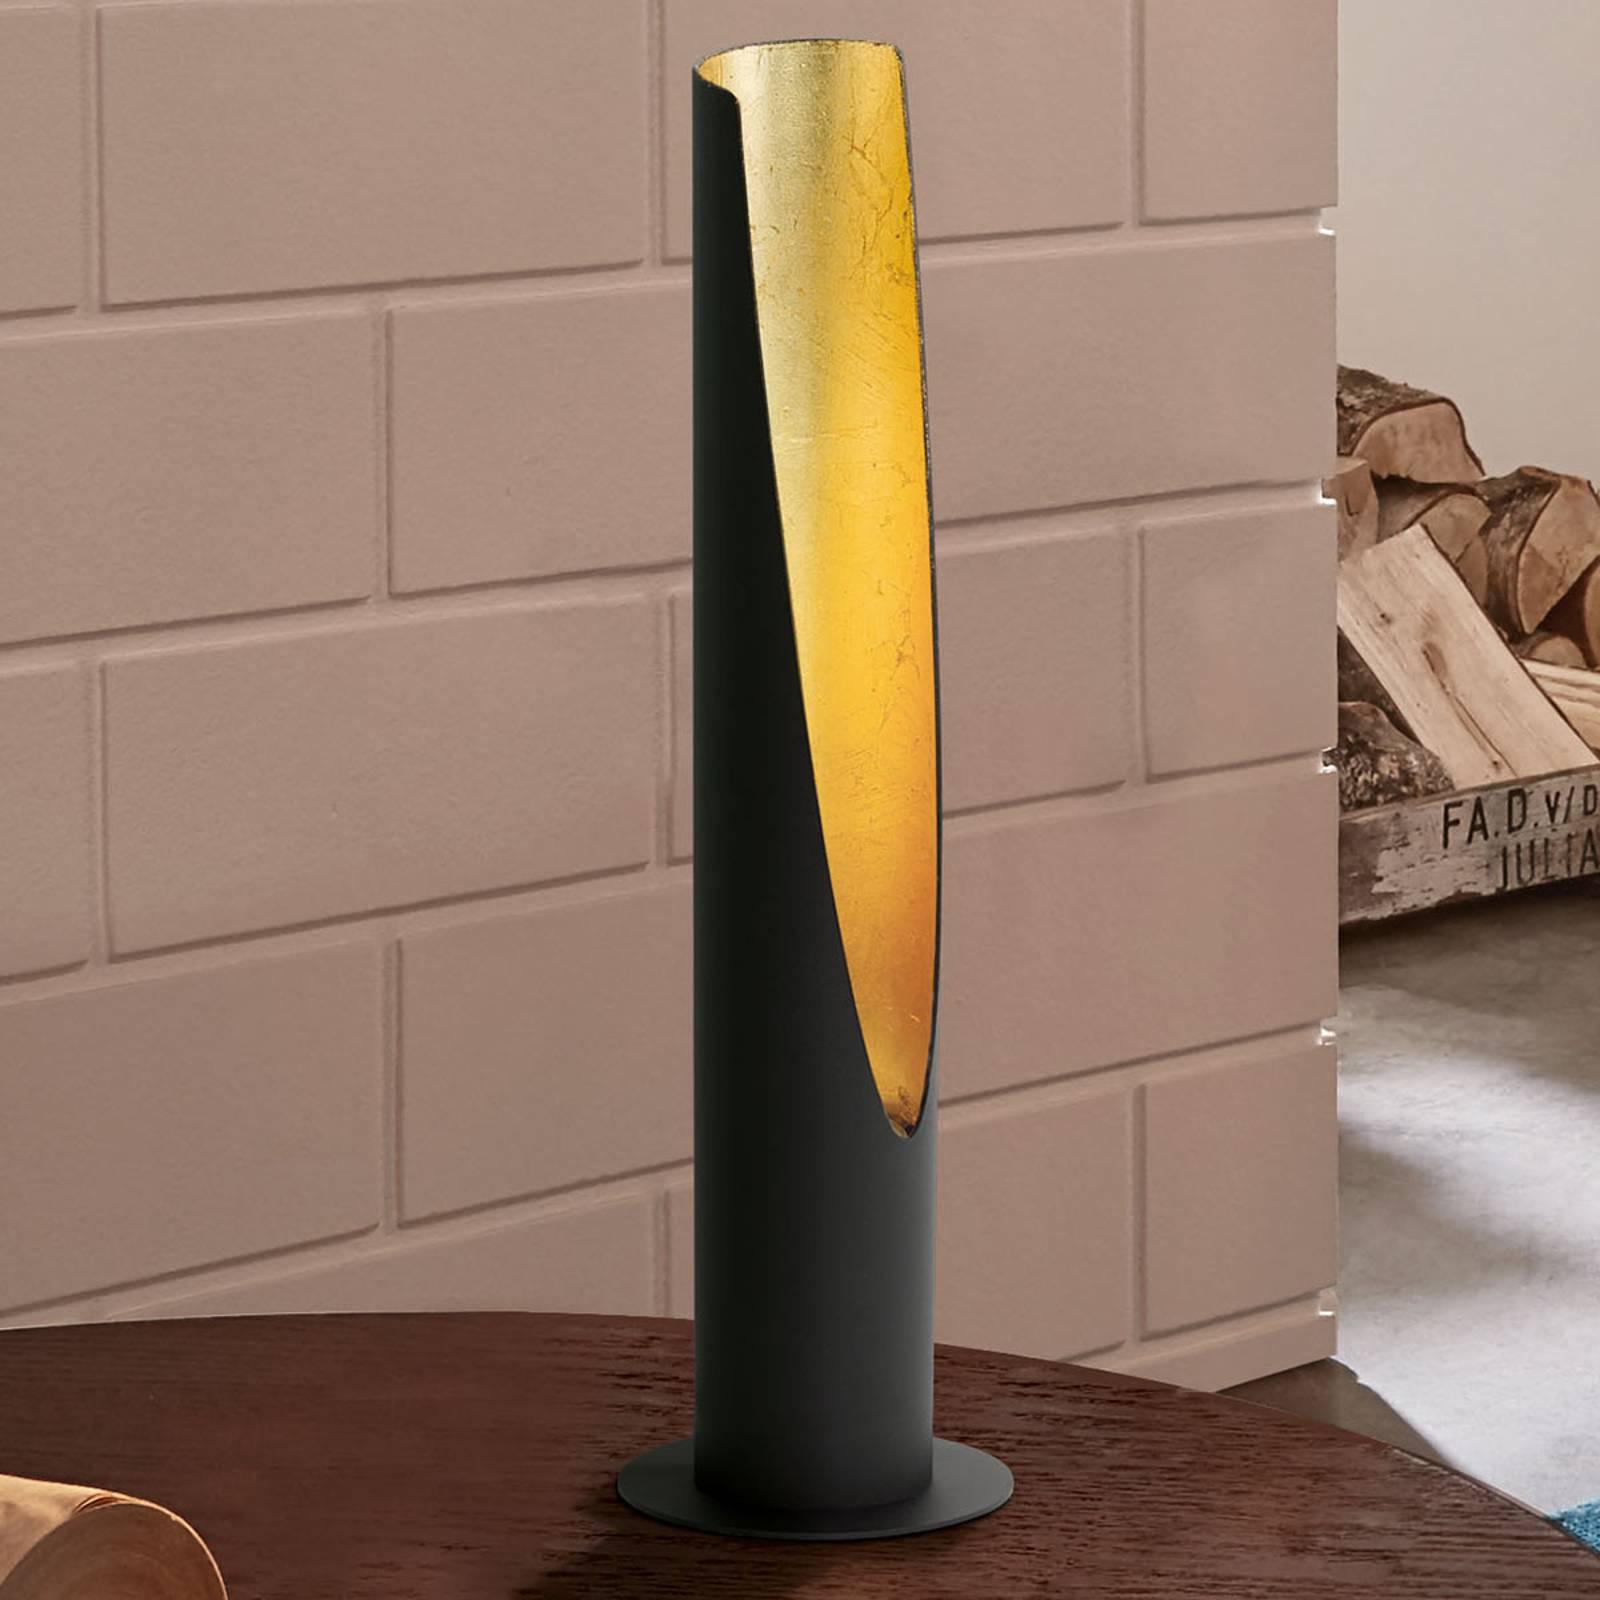 LED-tafellamp Barbotto in zwart/goud